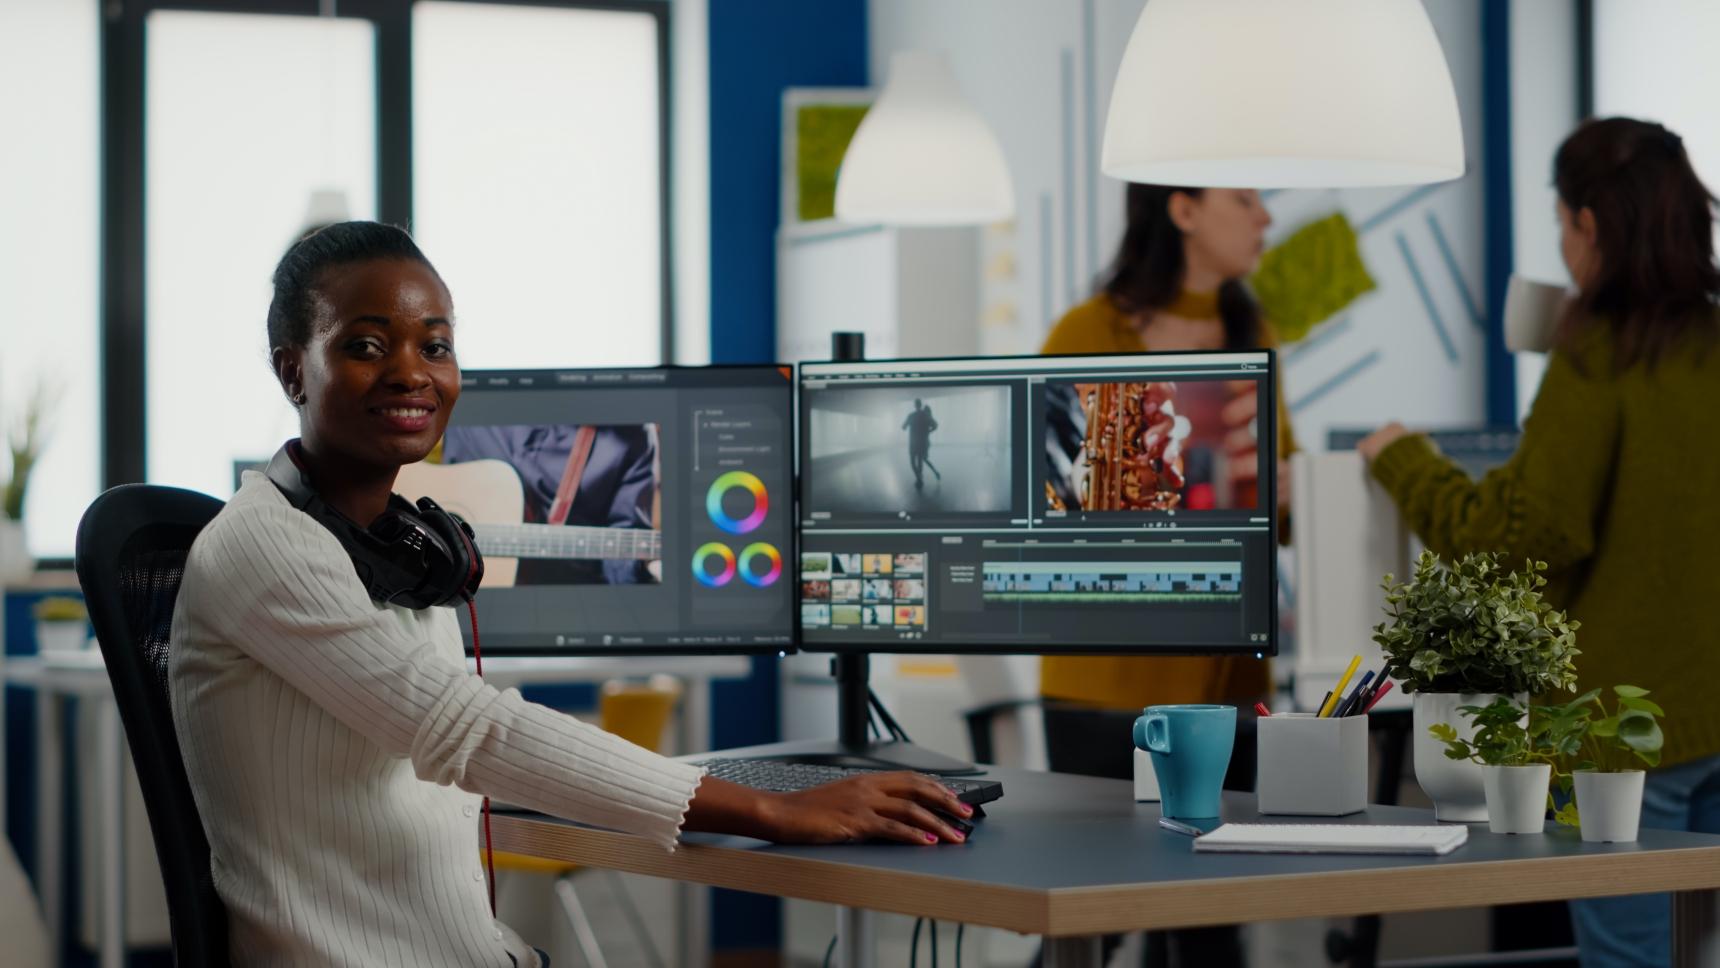 video-editor-looking-at-camera